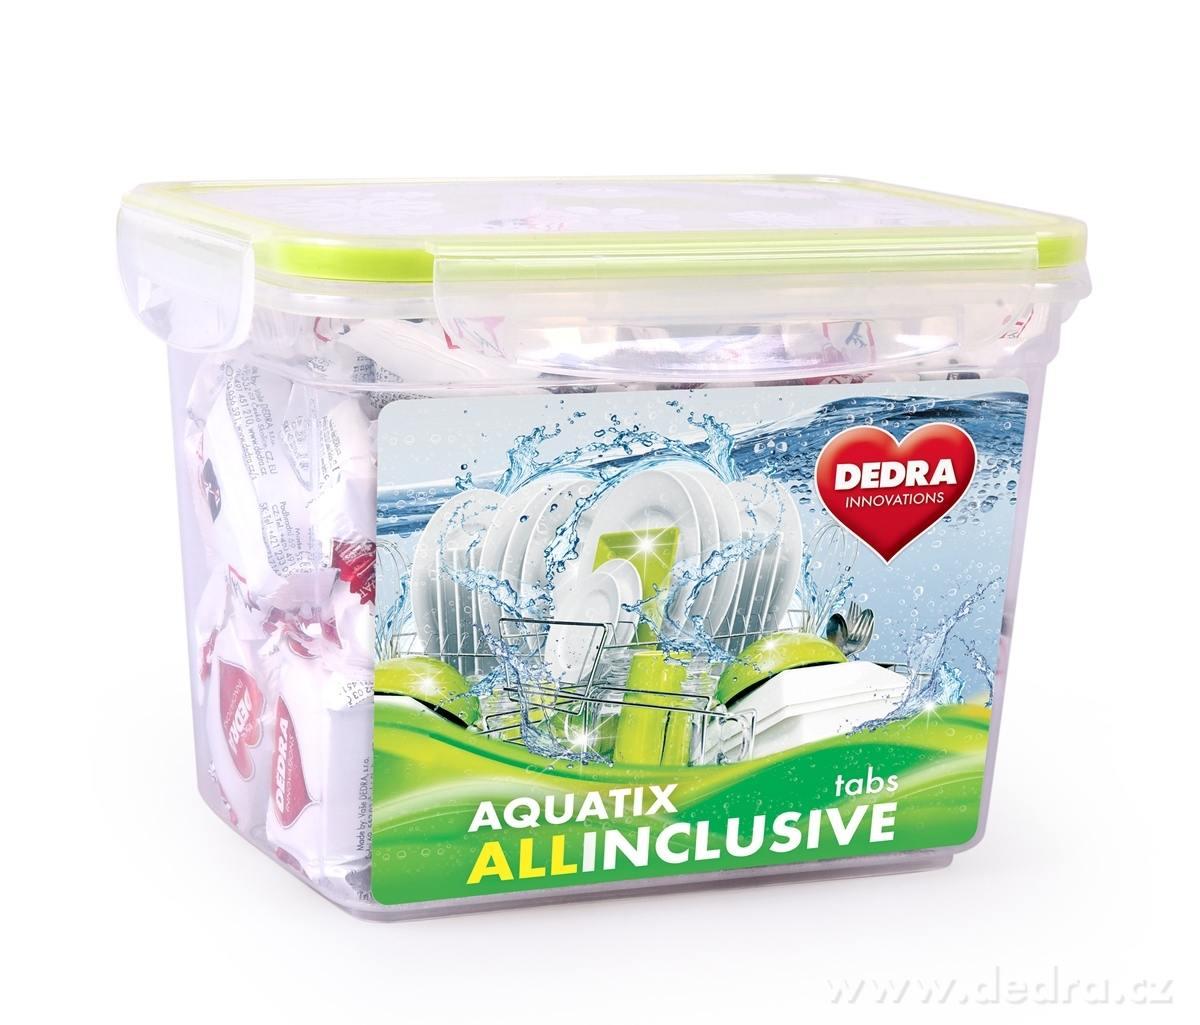 Dedra Aquatix Allinclusive 50 tabs + zdarma plastová dóza multifunkční tablety